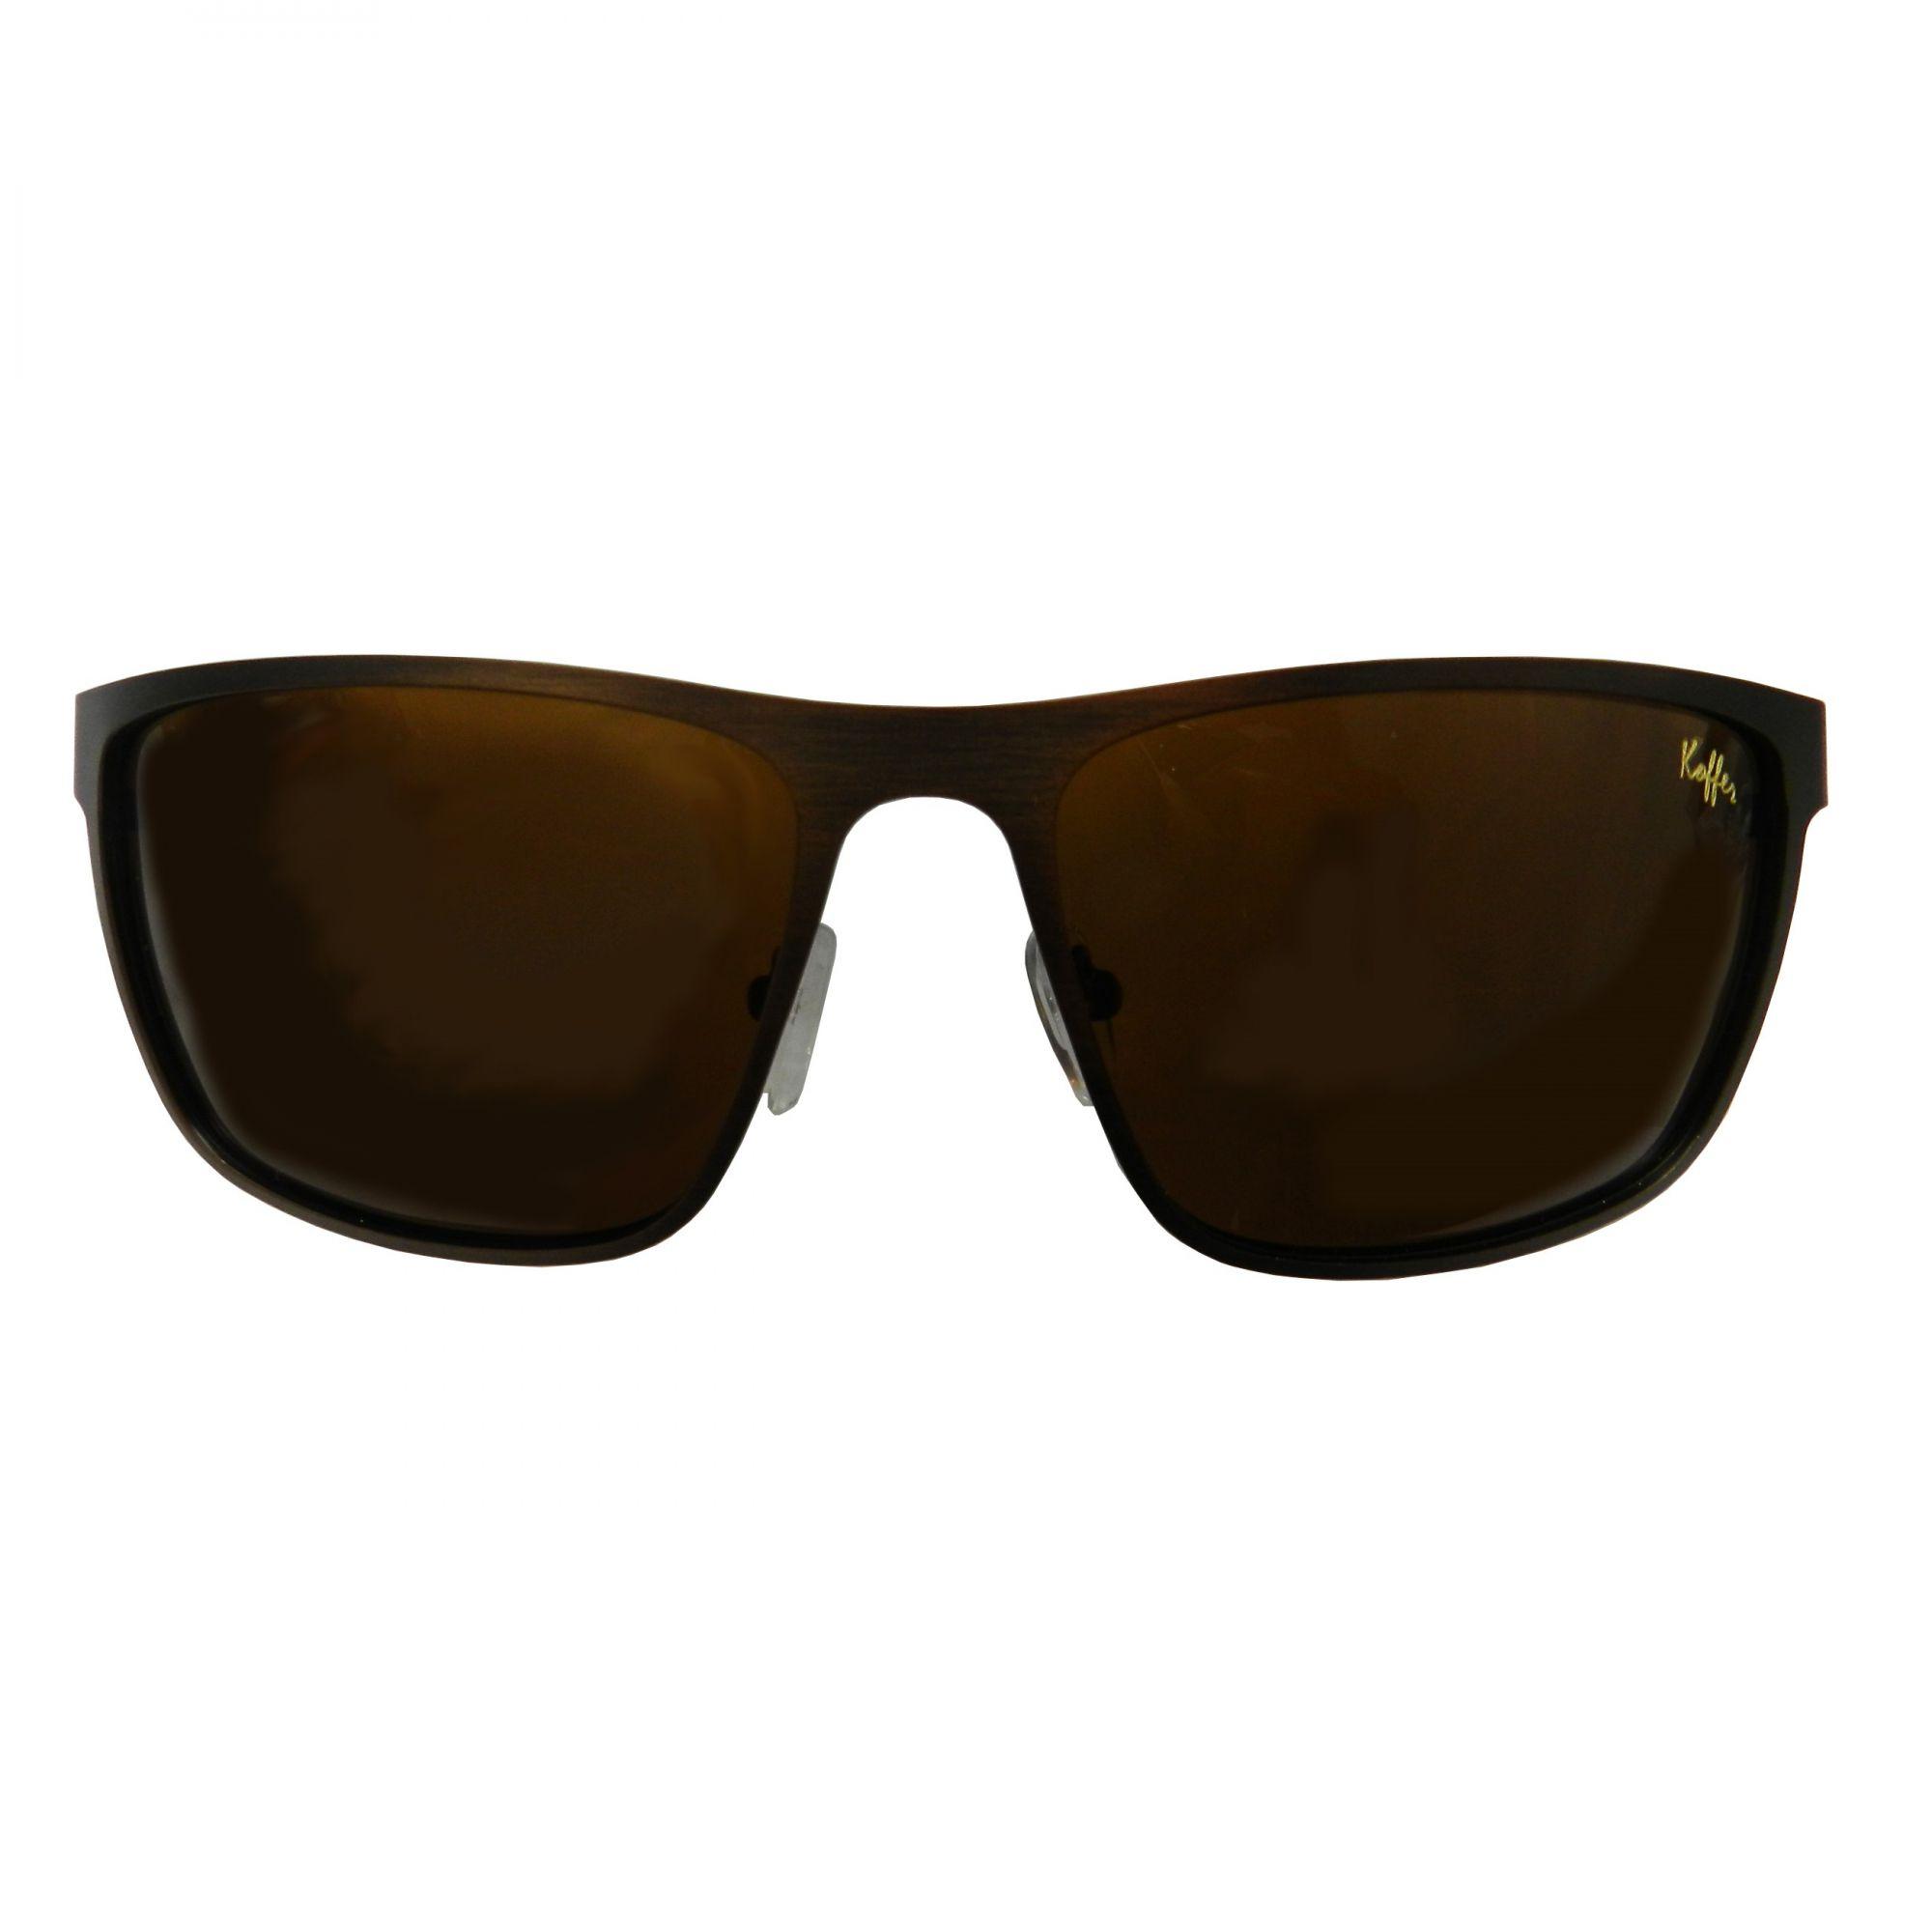 Óculos de sol com proteção UV MP048 - Koffer